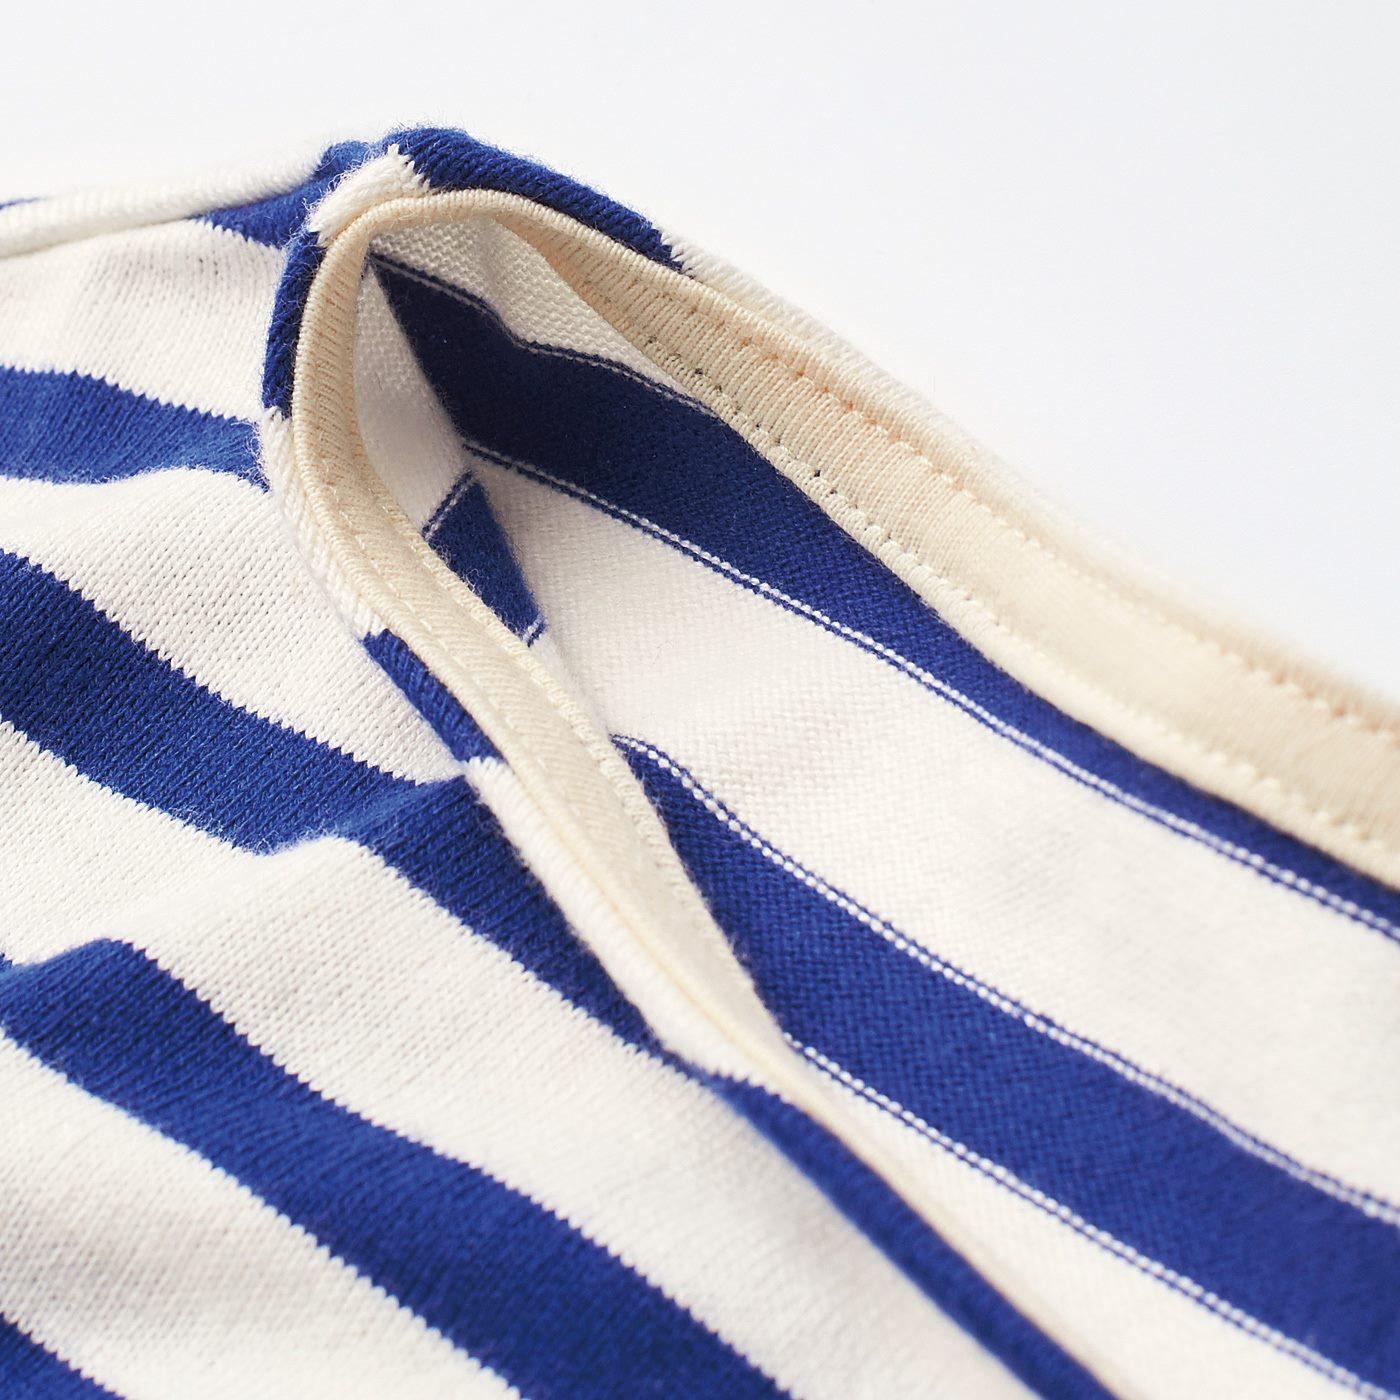 さらりと着て様になるボードネック。衿の裏側にテープを裏打ちすることで、首もとのよれや伸びを防止。